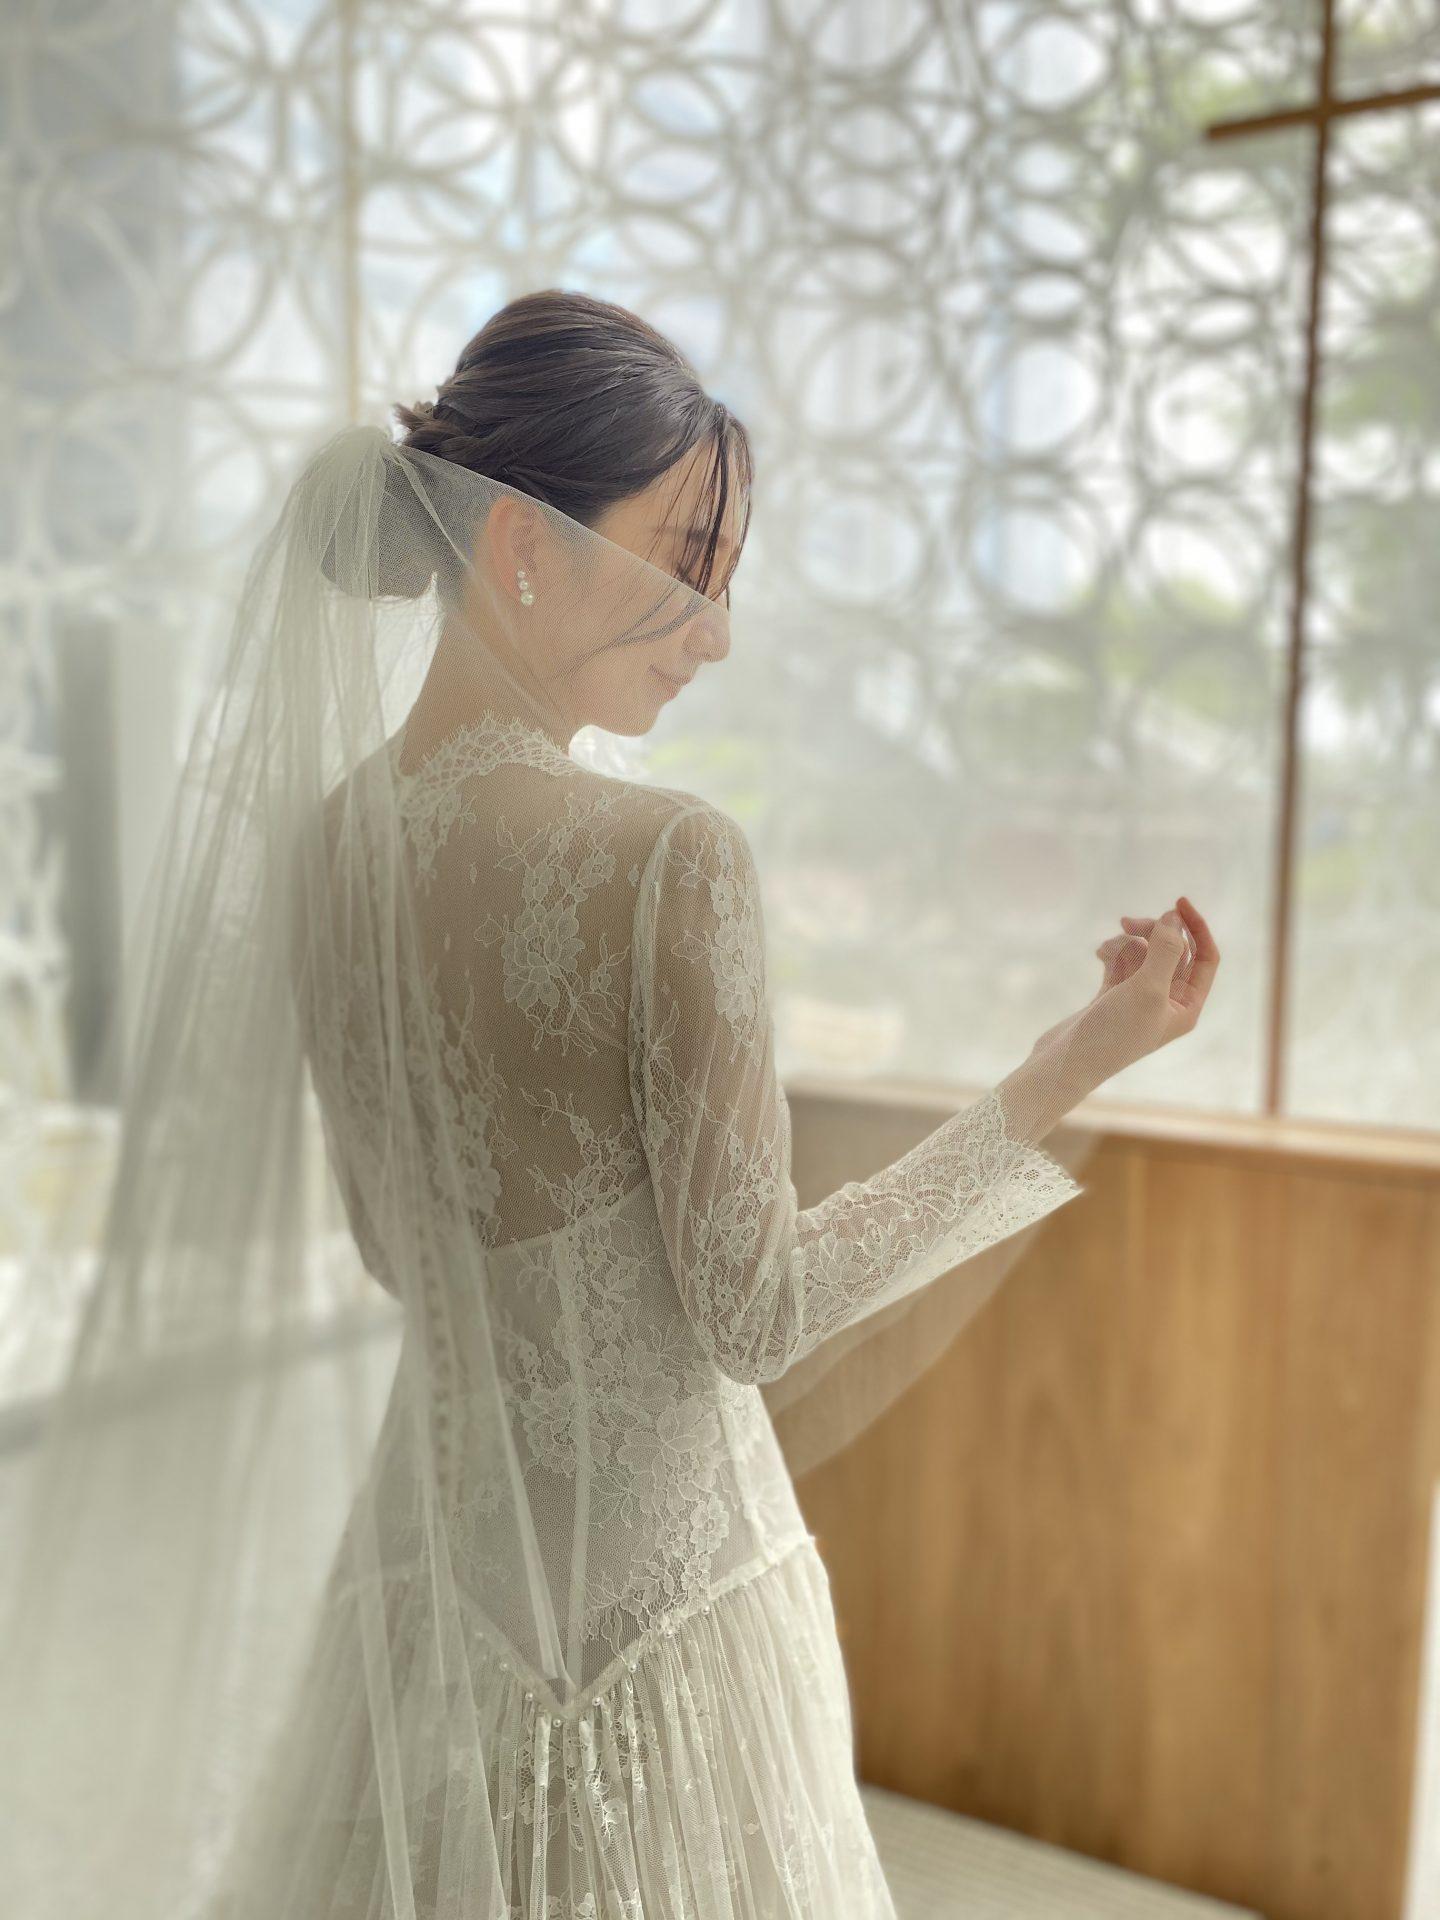 ハイアットリージェンシー大阪のチャペルに合わせた総レースのナチュラルなウェディングドレスをお召しになった花嫁様